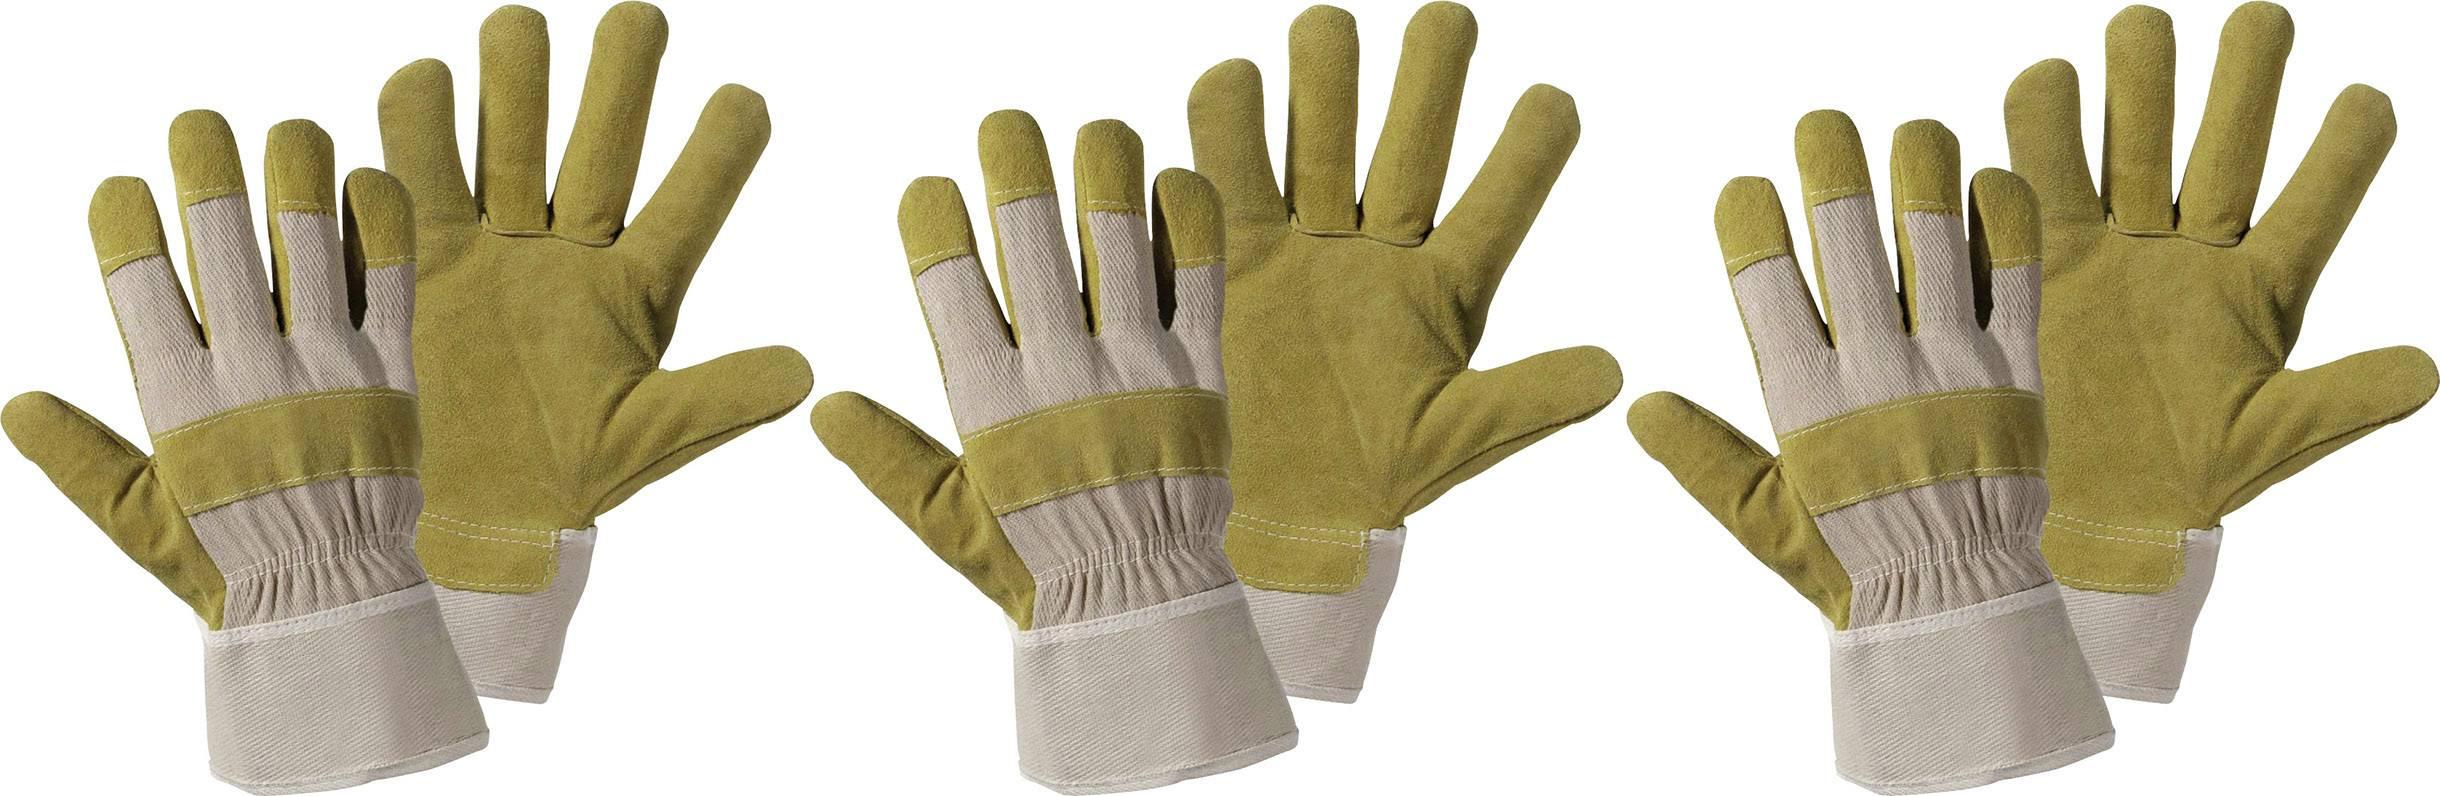 Pracovní rukavice z veppřové kůže, velikost 10,5, 3 páry